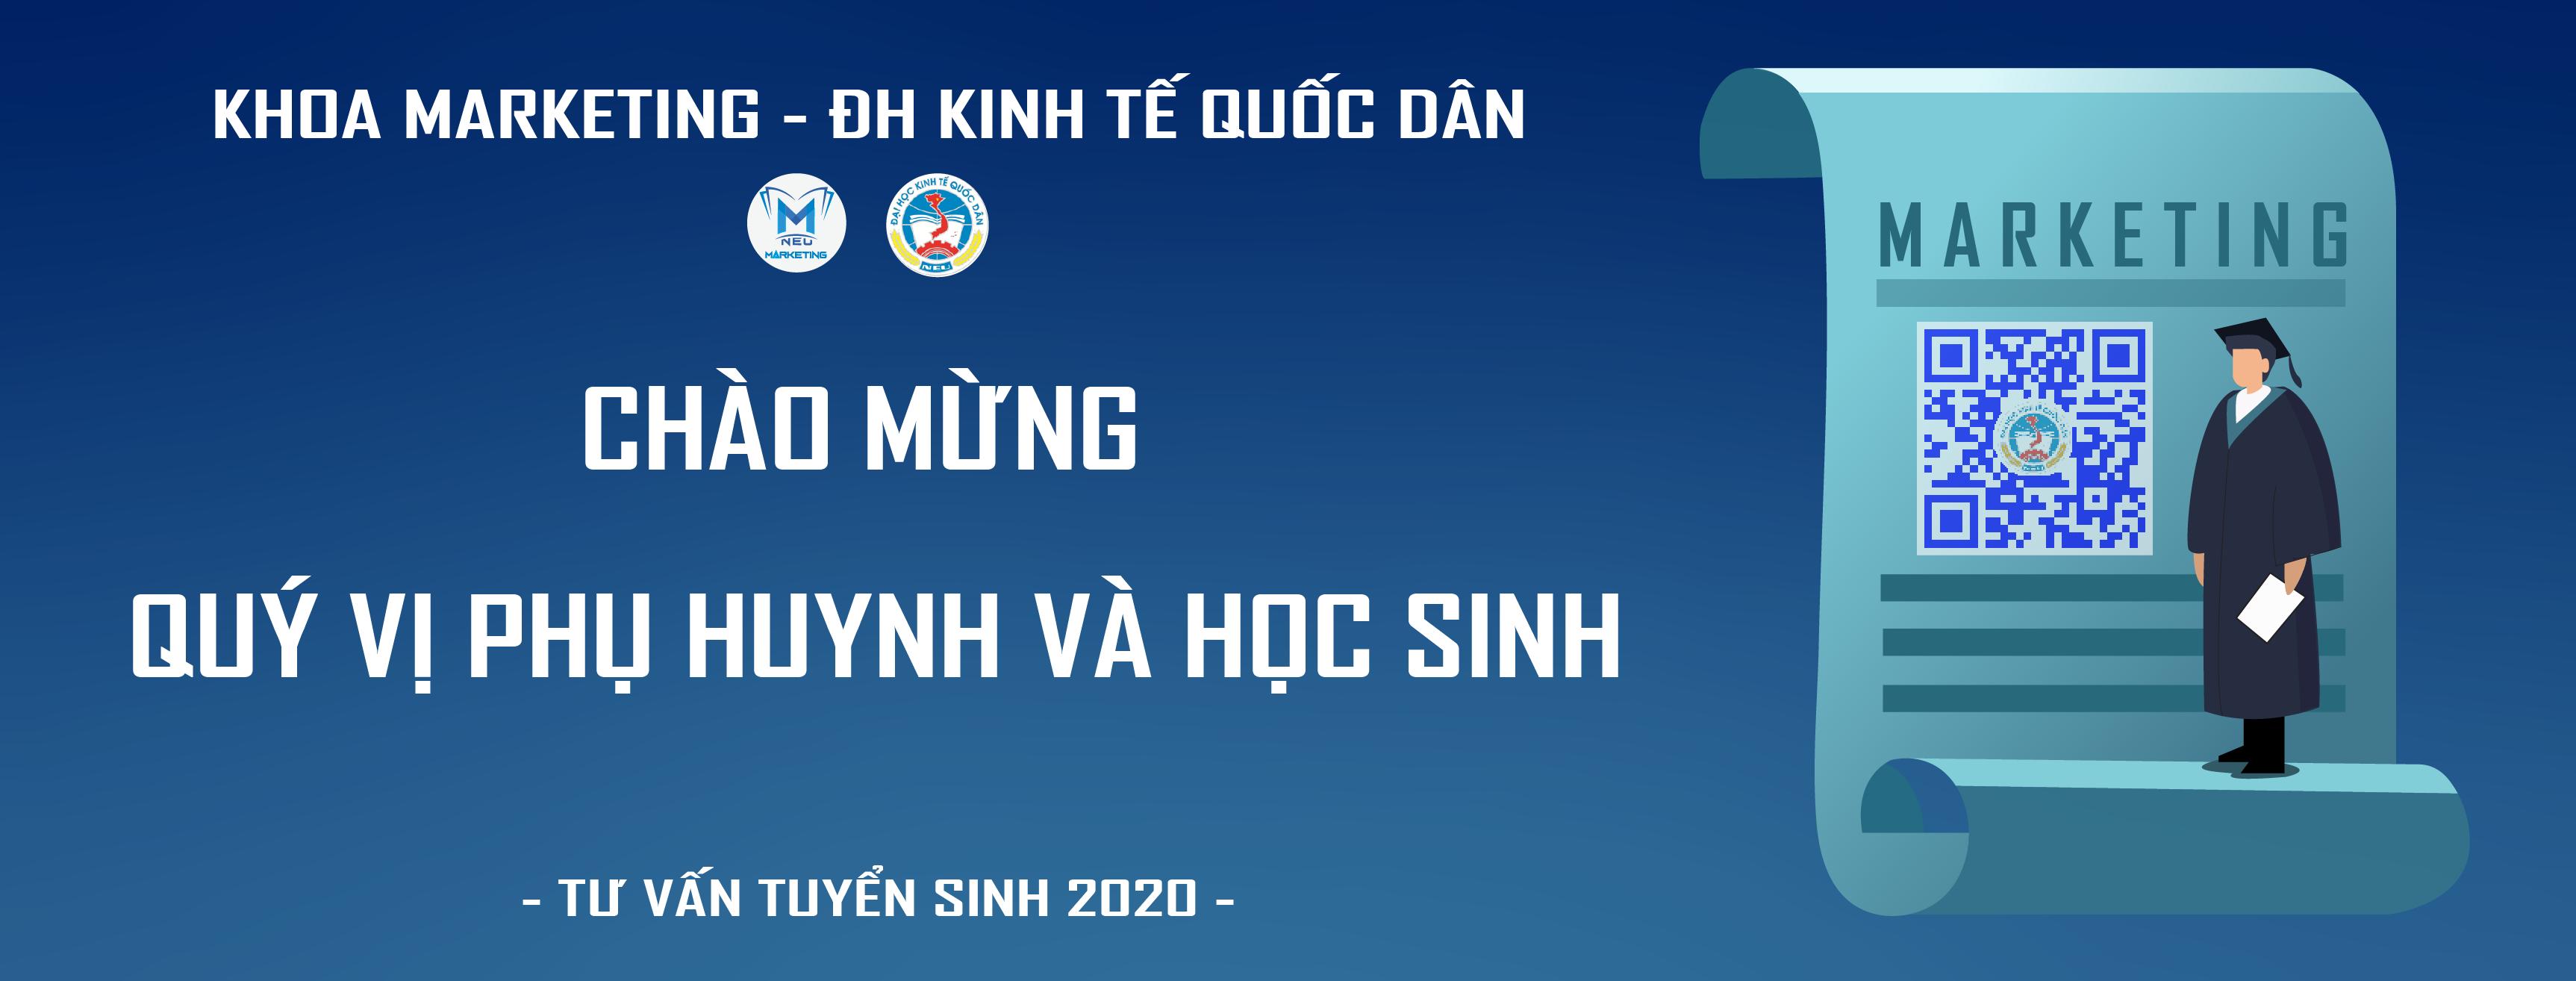 GIỚI THIỆU VỀ NGÀNH TUYỂN SINH NĂM 2020 CỦA KHOA MARKETING – ĐH KINH TẾ QUỐC DÂN